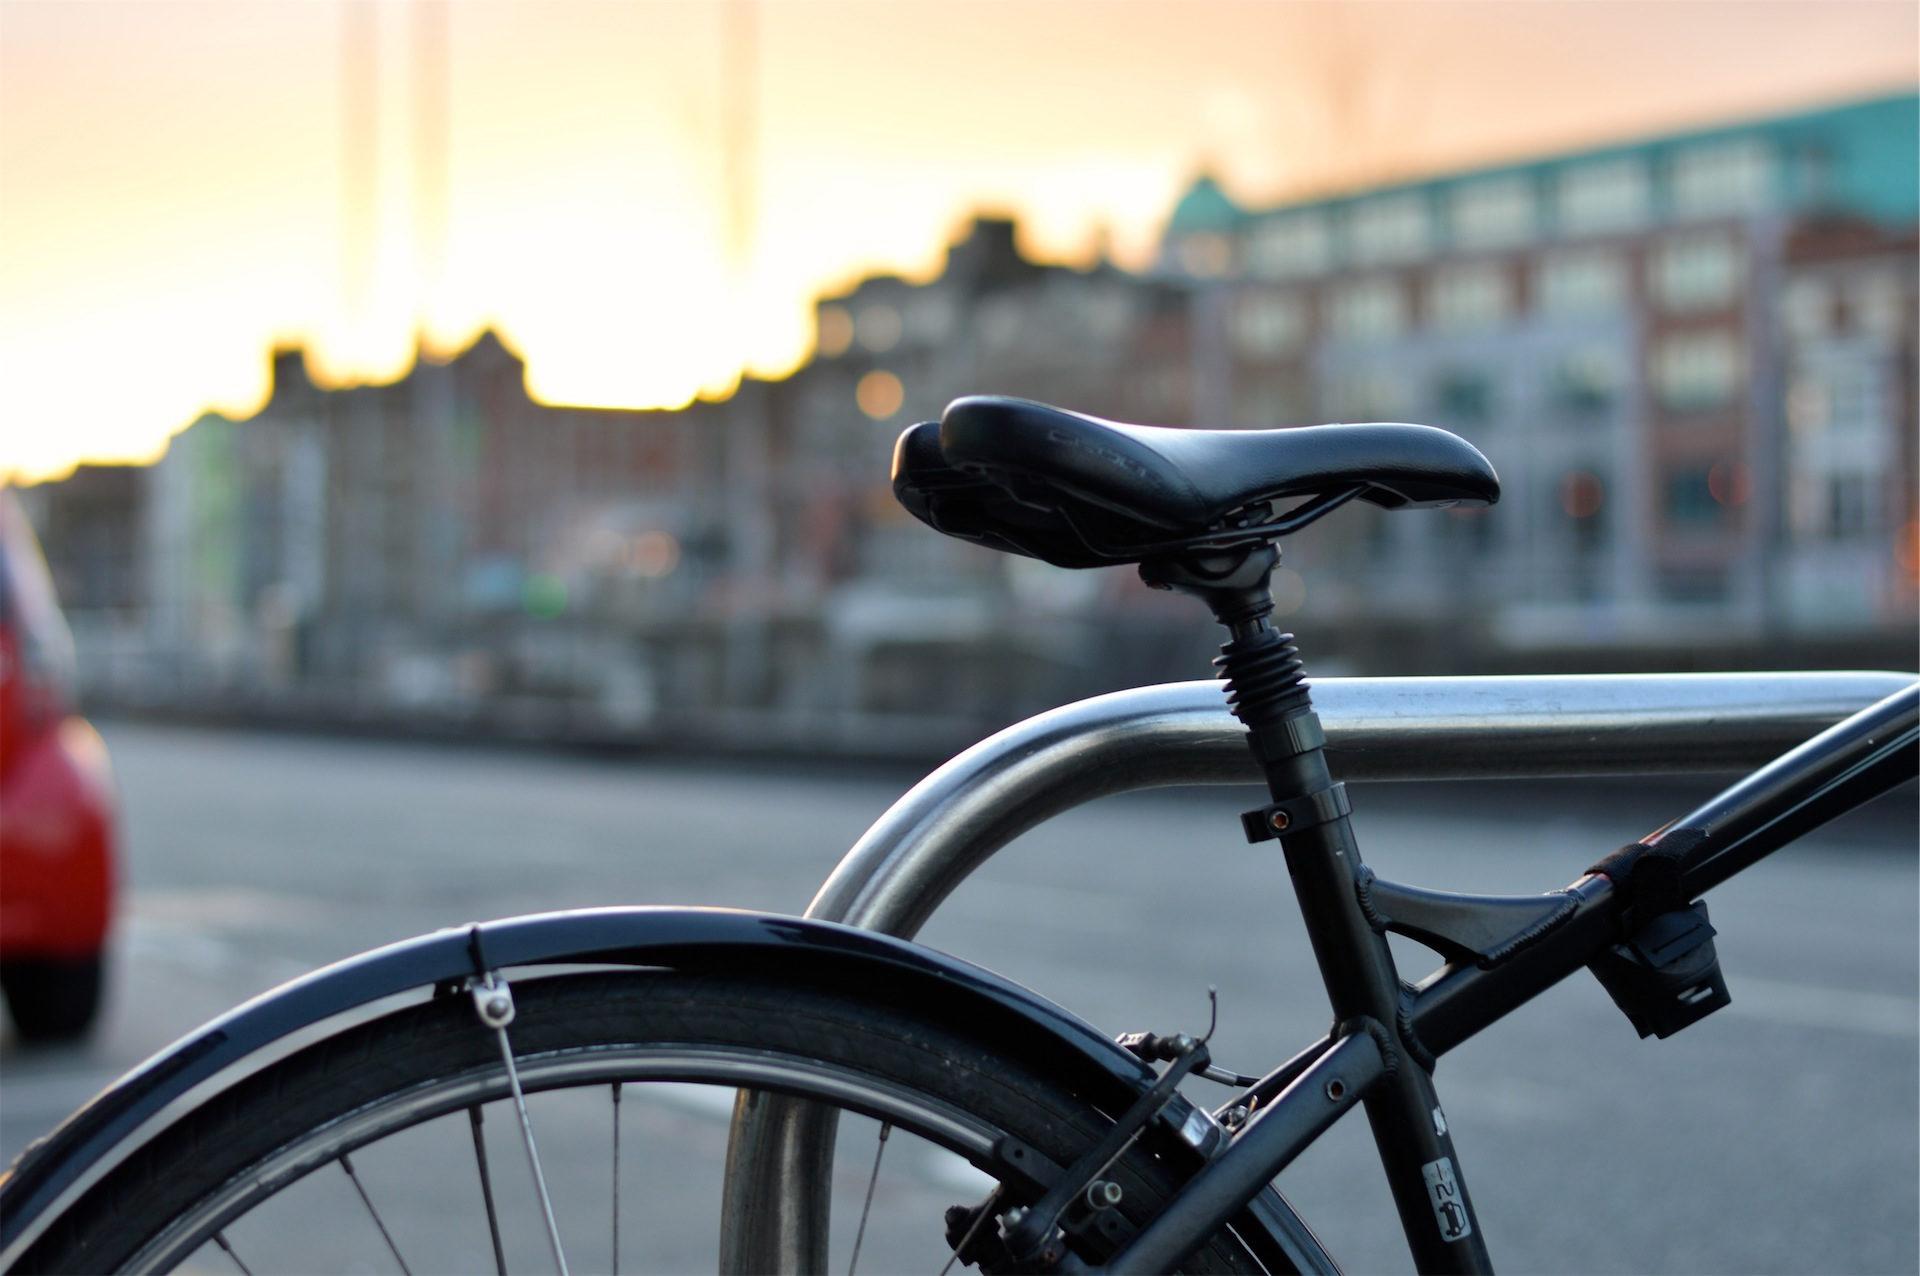 vélo, siège, Selle, roue, Ville - Fonds d'écran HD - Professor-falken.com